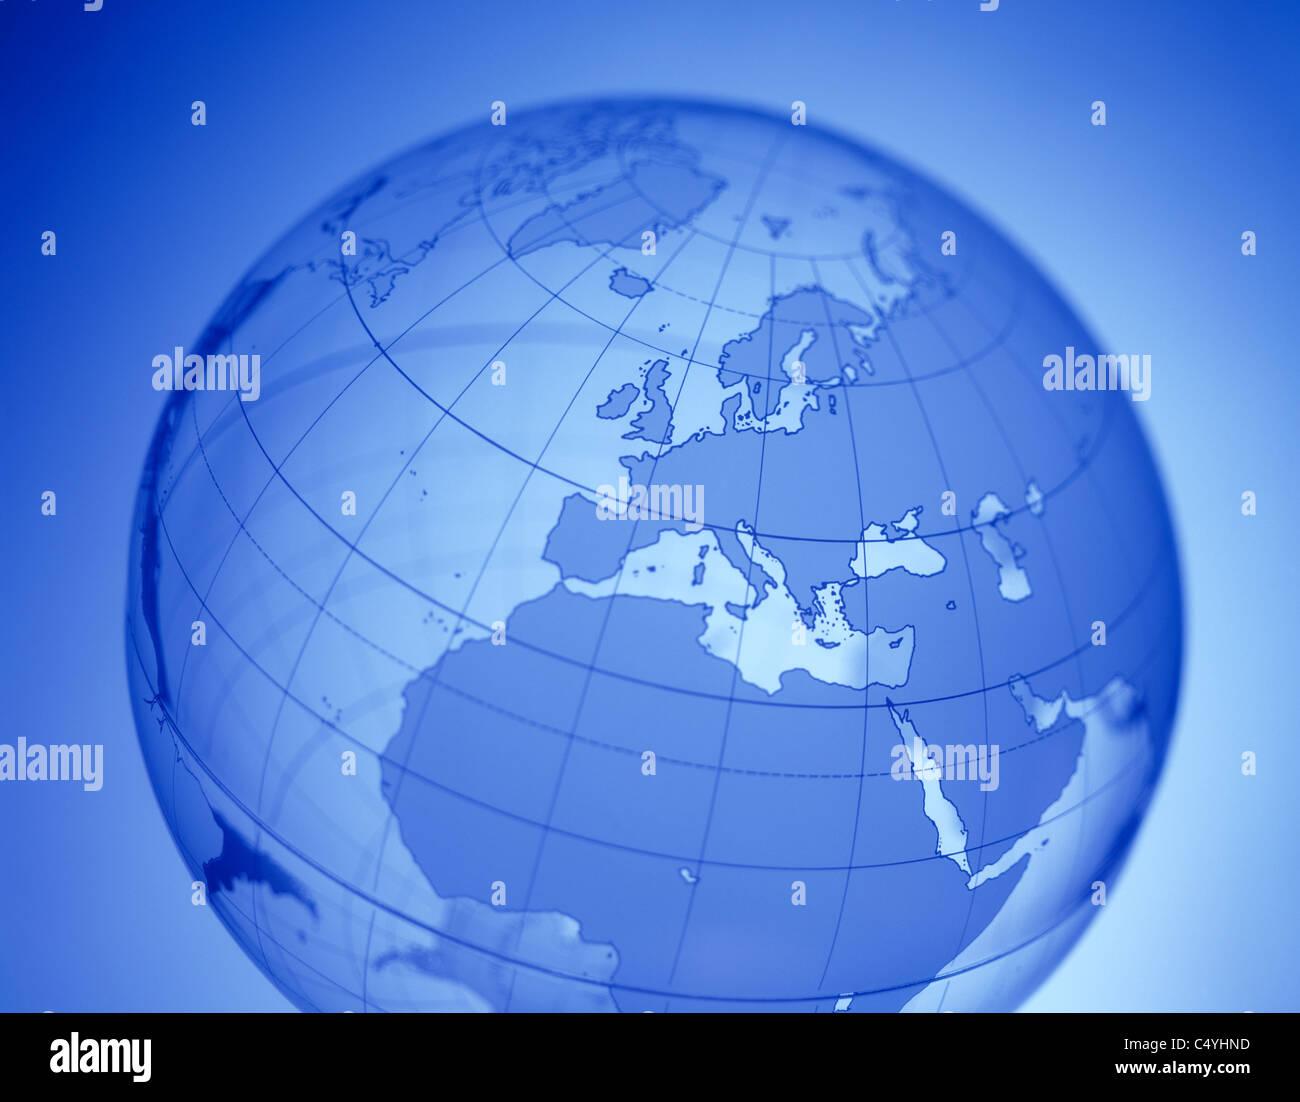 Effacer un mot lumineux globe avec l'Europe dans le centre Photo Stock